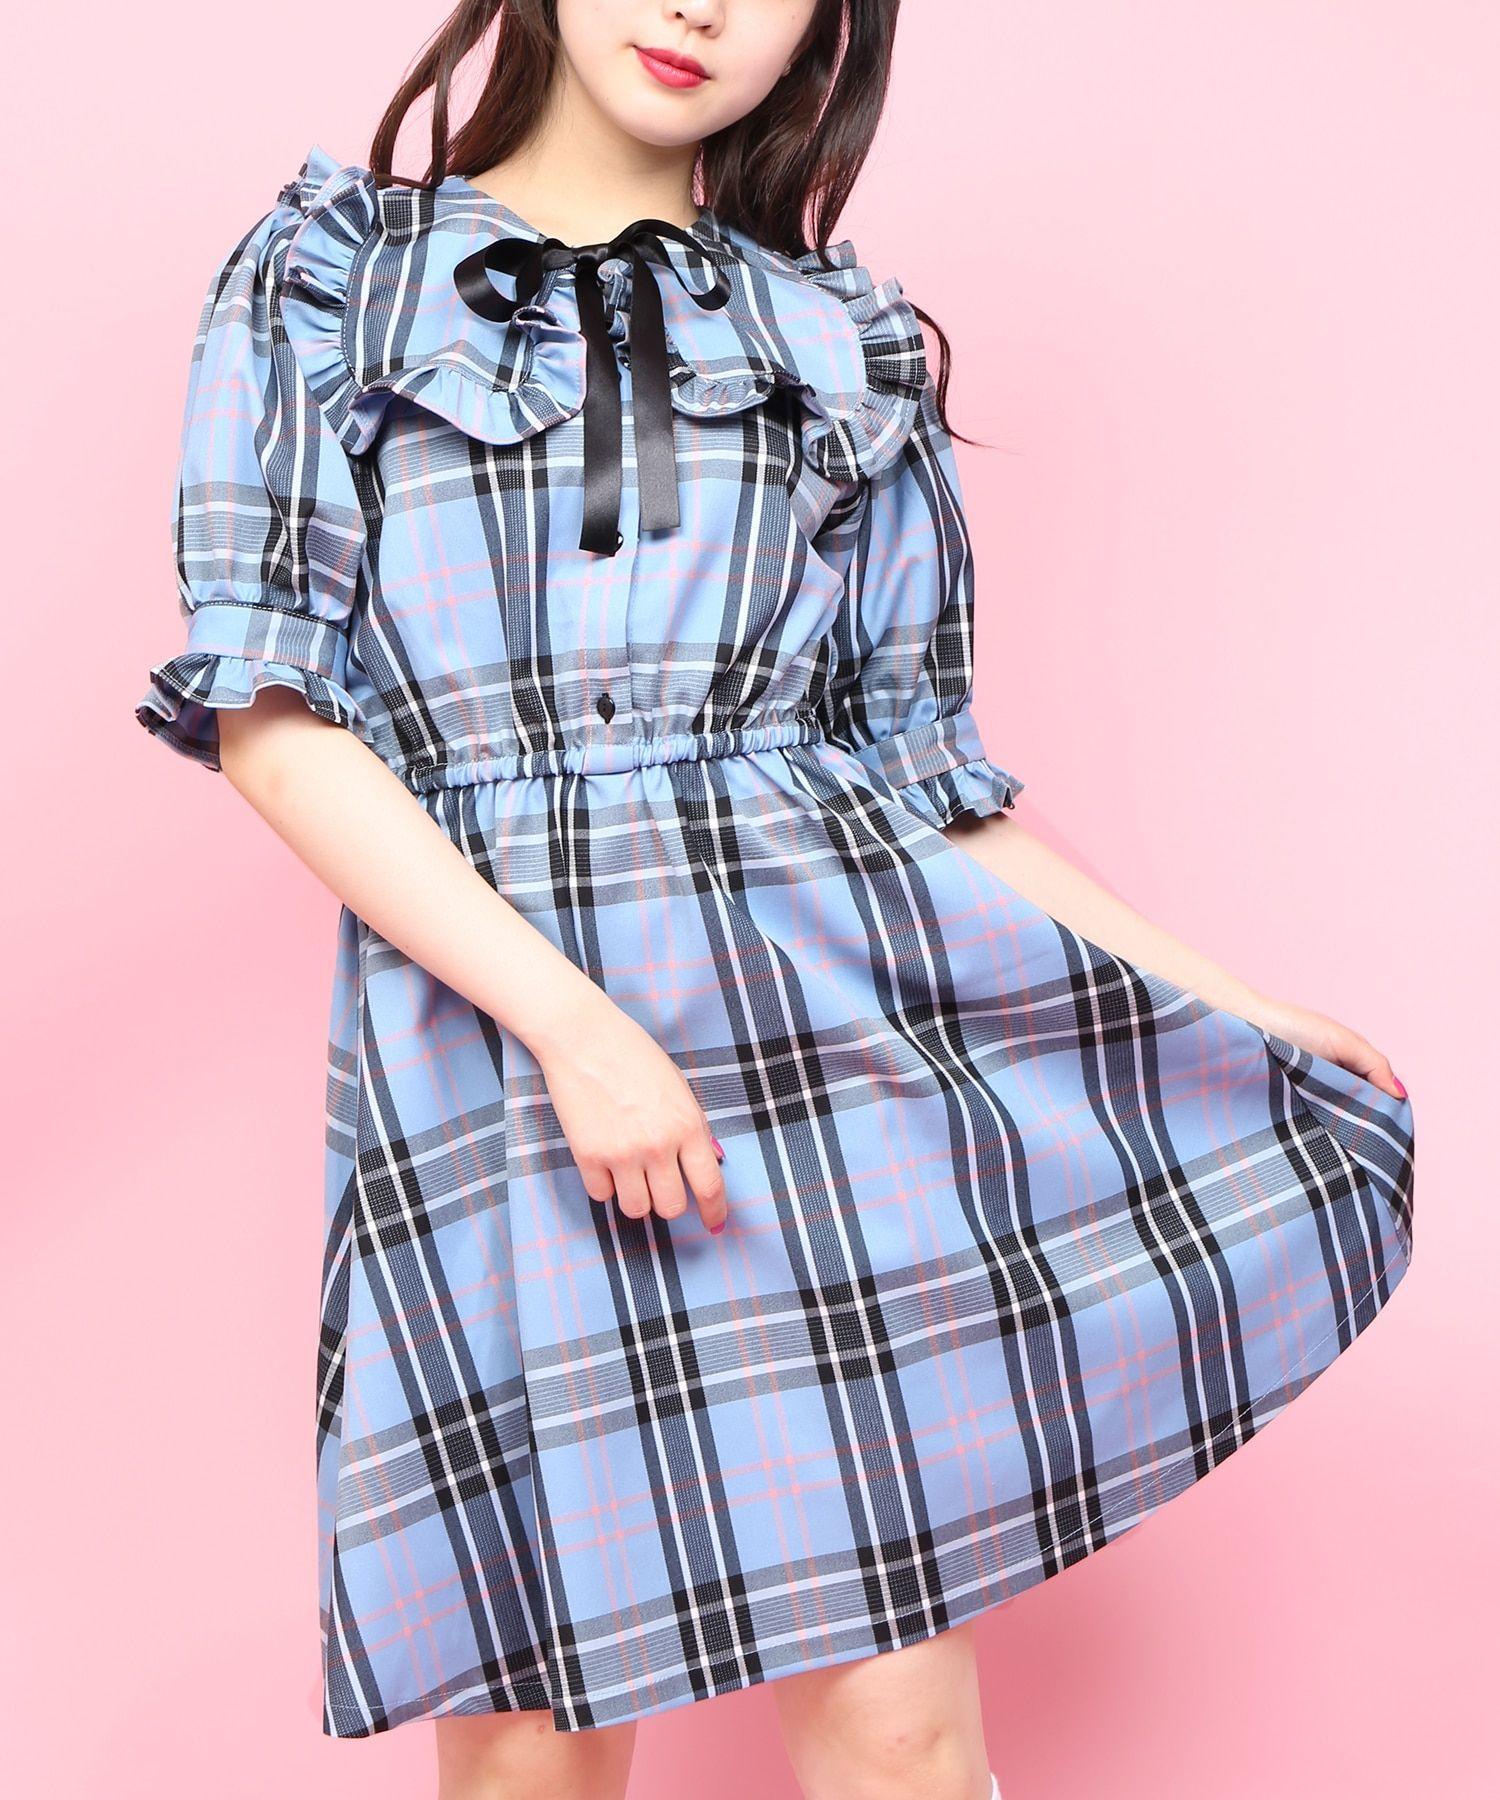 wego online store ウィゴーオンラインストア 公式通販チェックフリル半袖ワンピース wego online store ファッションアイデア ワンピース ワンピース フリル